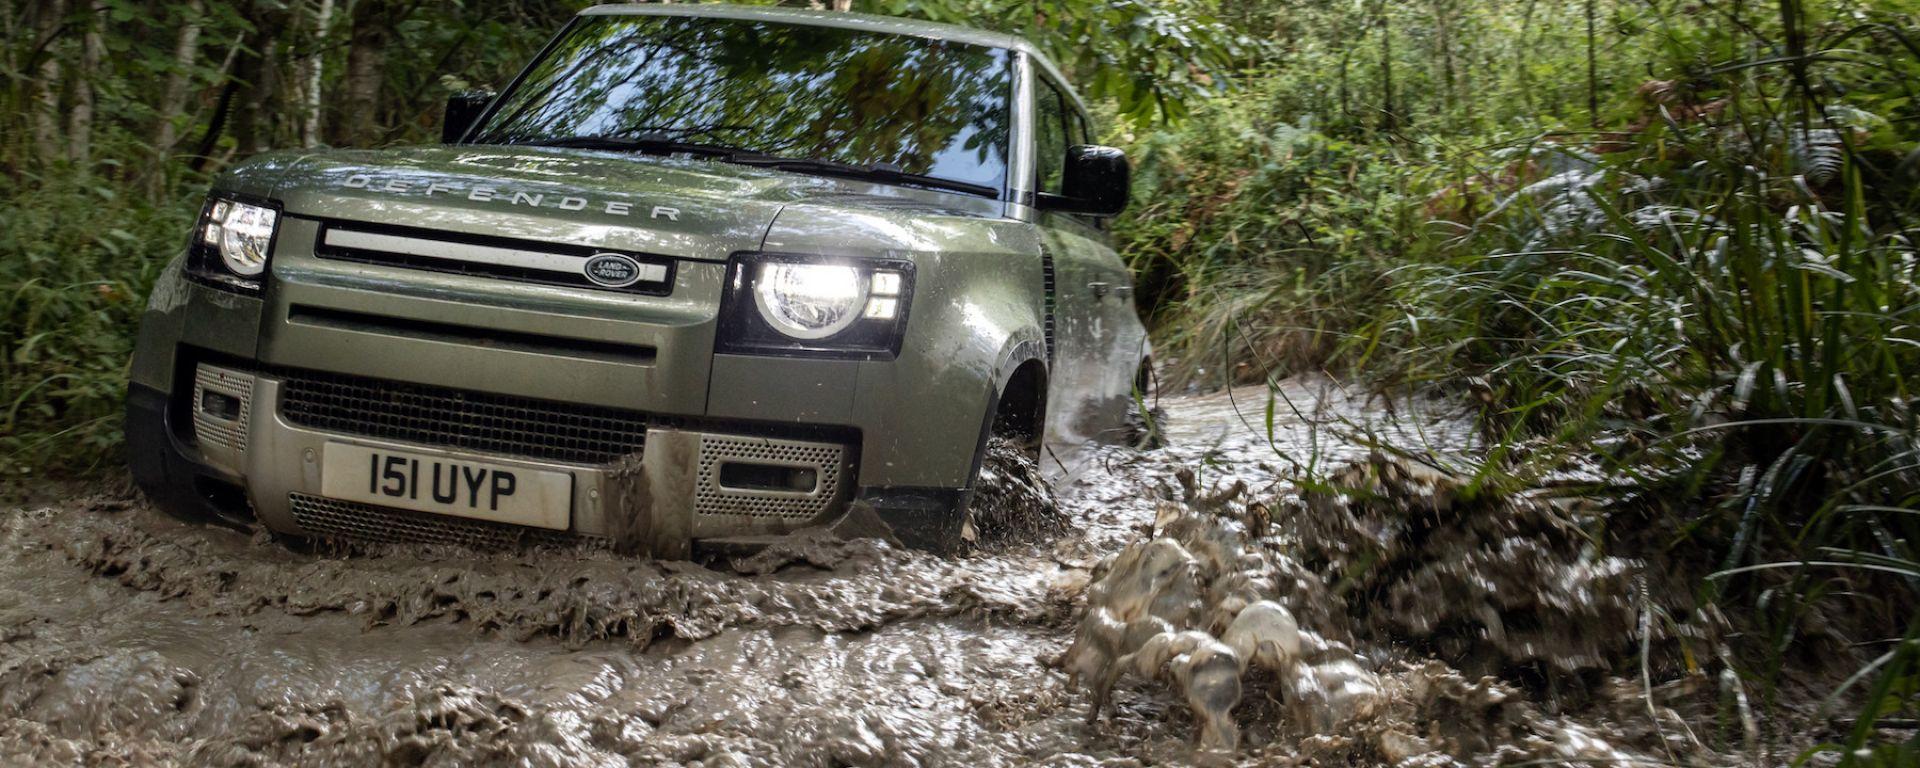 Jaguar Land Rover: le auto del futuro saranno costruite con materiali di derivano aerospaziale